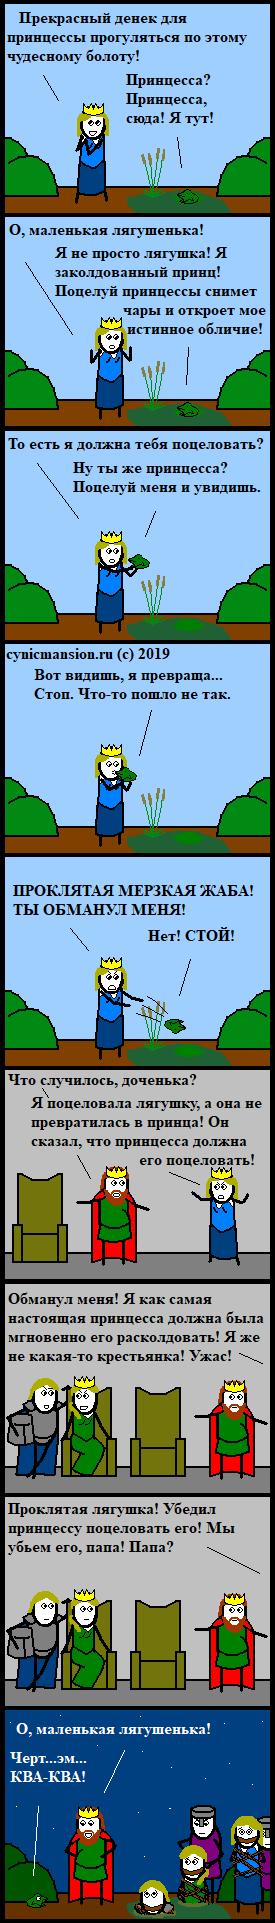 Лягушачье CynicMansion, Комиксы, Сказка, Принцесса и лягушка, Принцесса, Длиннопост